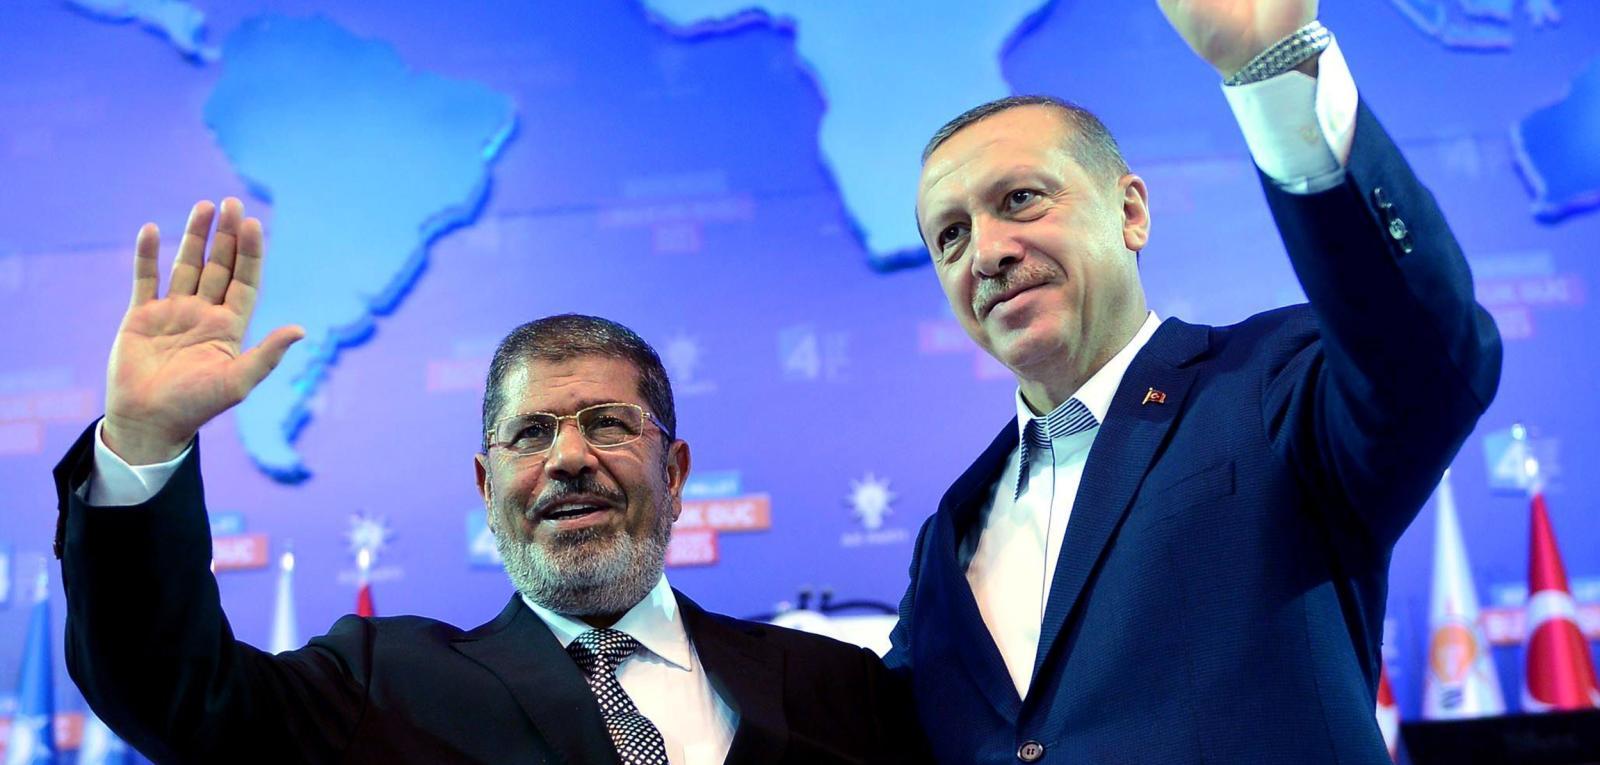 موقع إماراتي: هل حقًا ستسلّم تركيا أعضاء  الإخوان المسلمين  إلى مصر؟   ترك برس